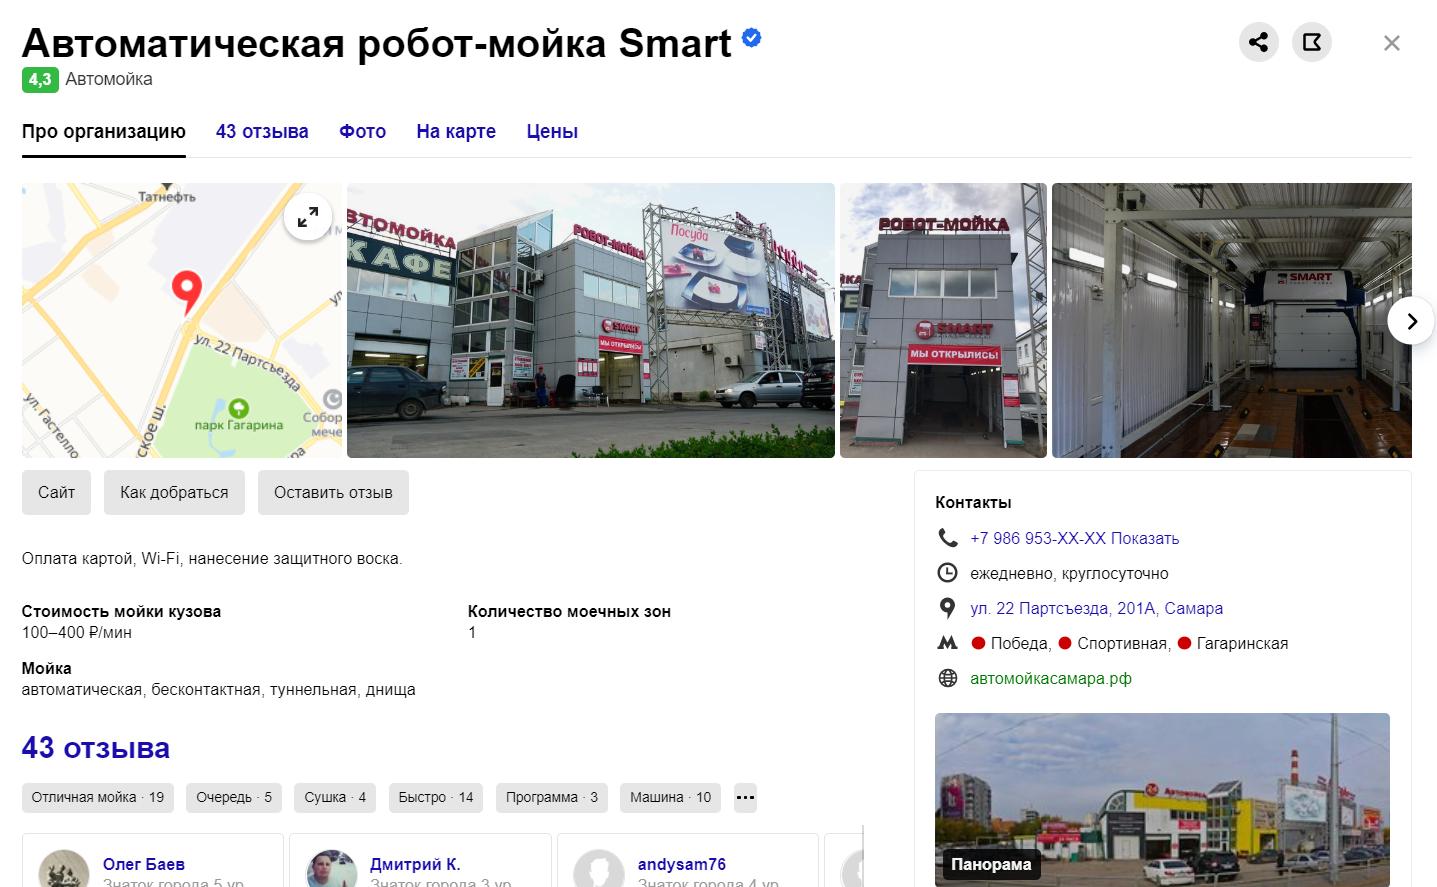 Автоматическая робот-мойка Smart